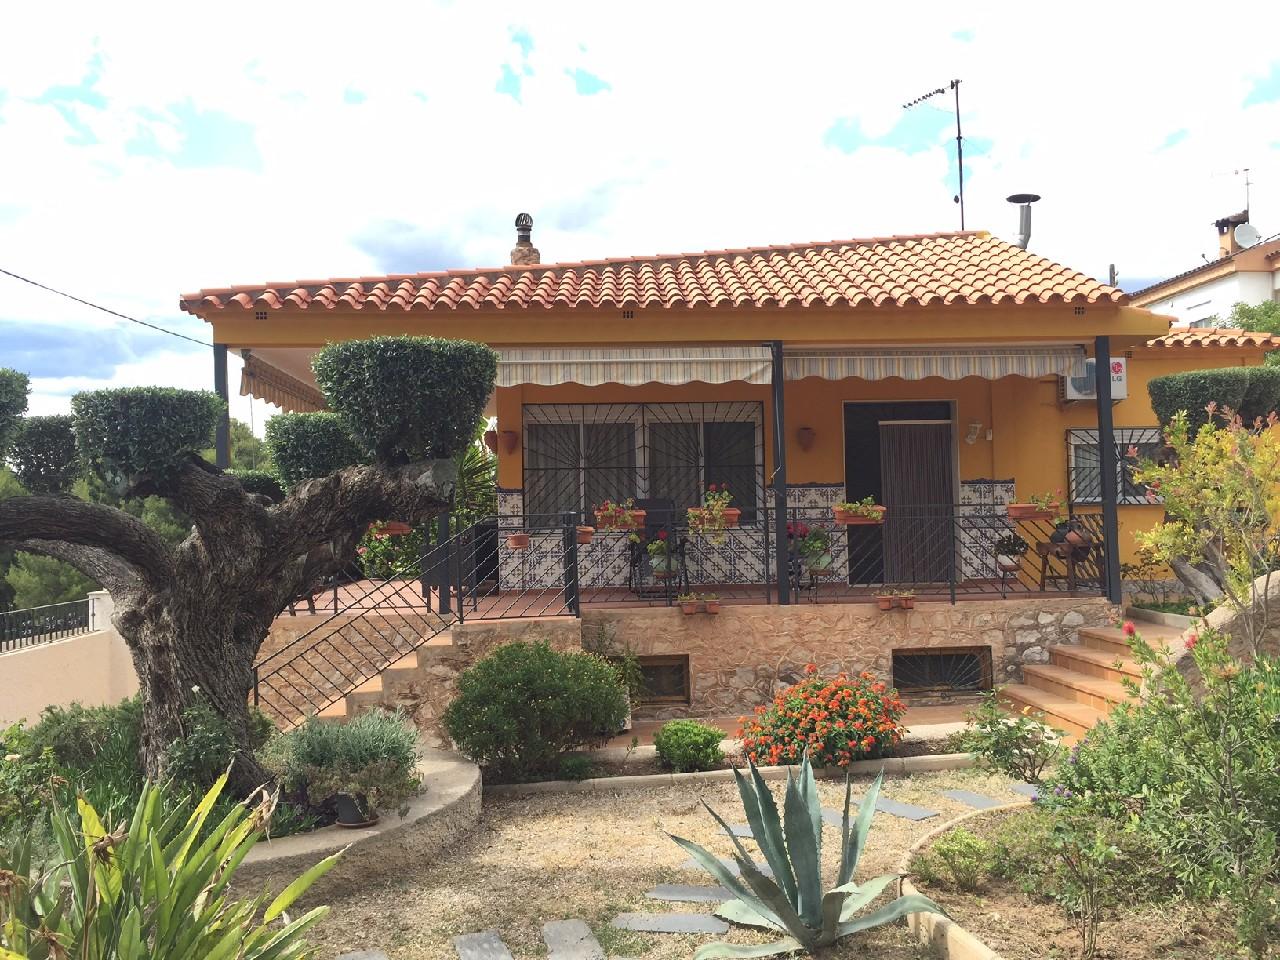 Chalet en venta en Zona Monte María Cristina, Chalet con hellip;